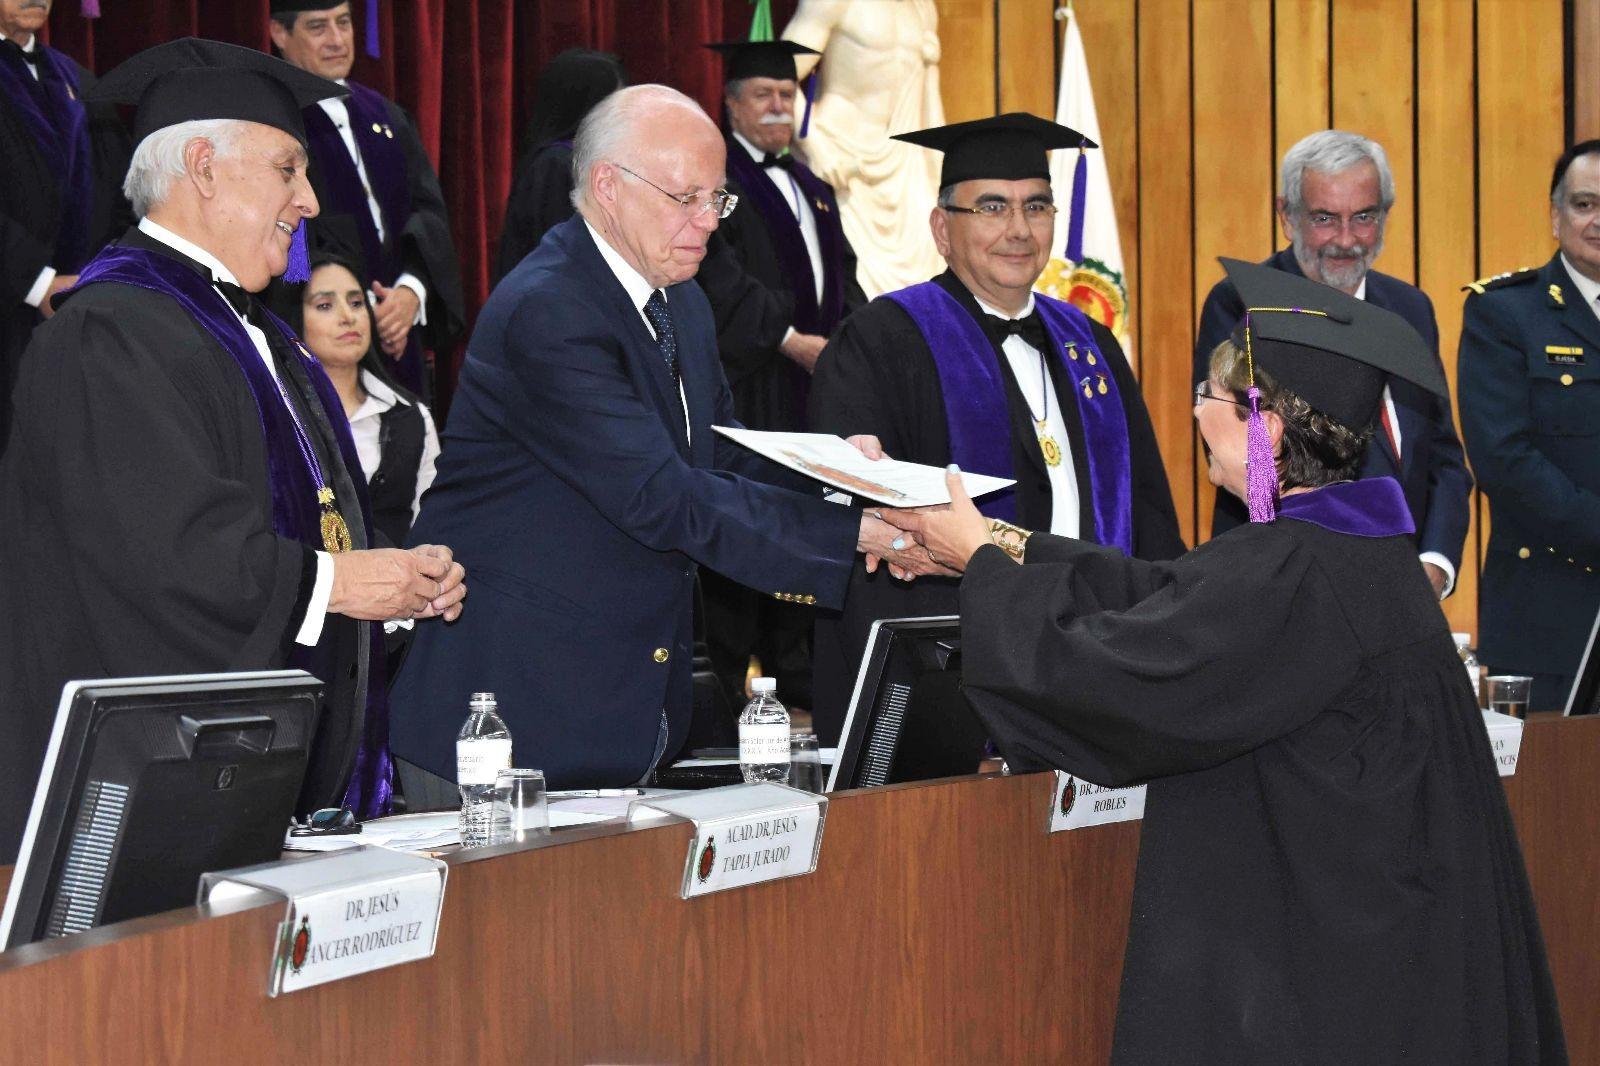 e nombraron los nuevos eruditos de la Academia Mexicana de Cirugía.